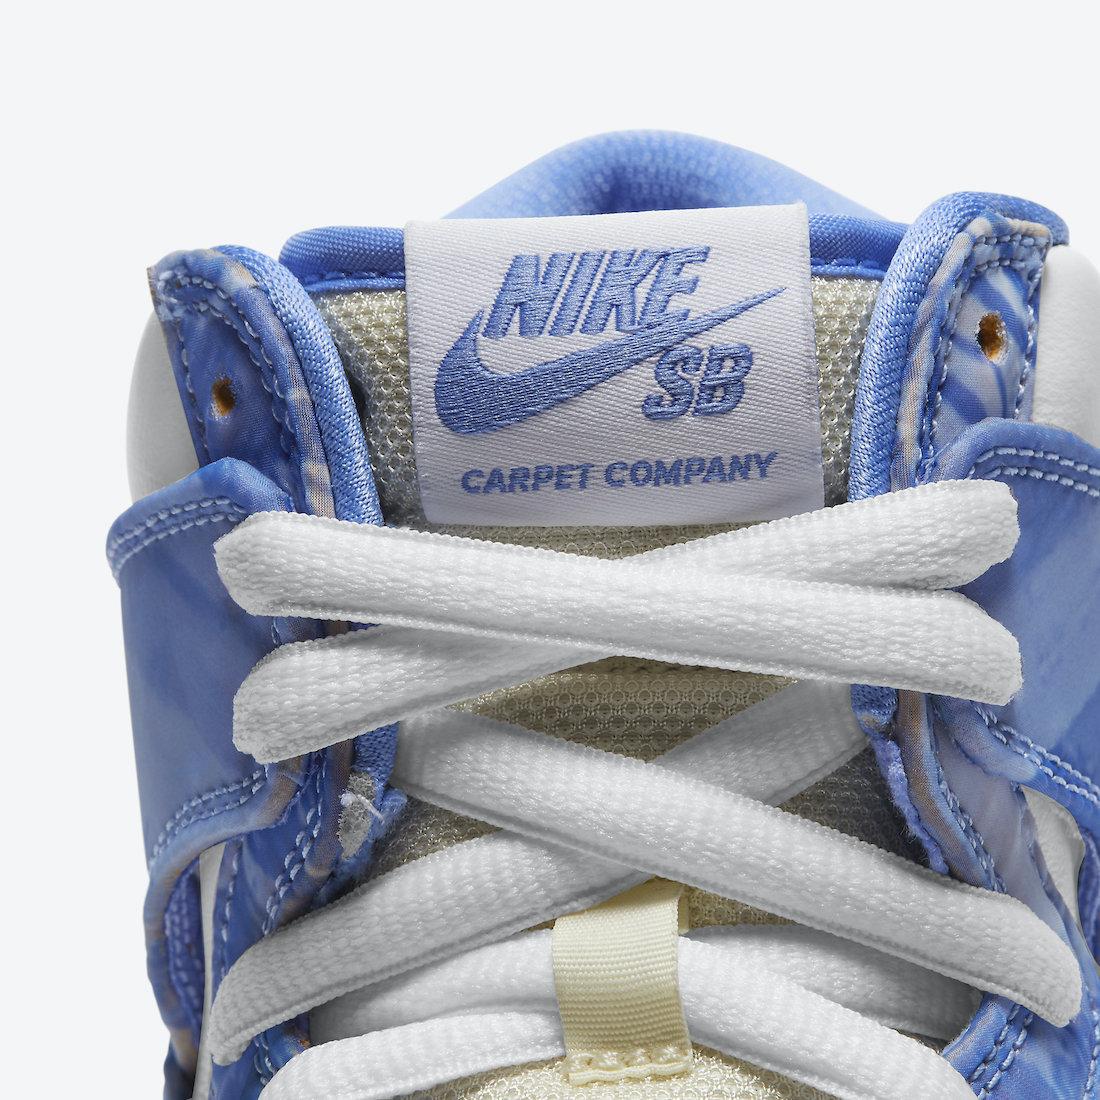 Nike SB Dunk High, Nike SB Dunk, Nike SB, Dunk High, Dunk